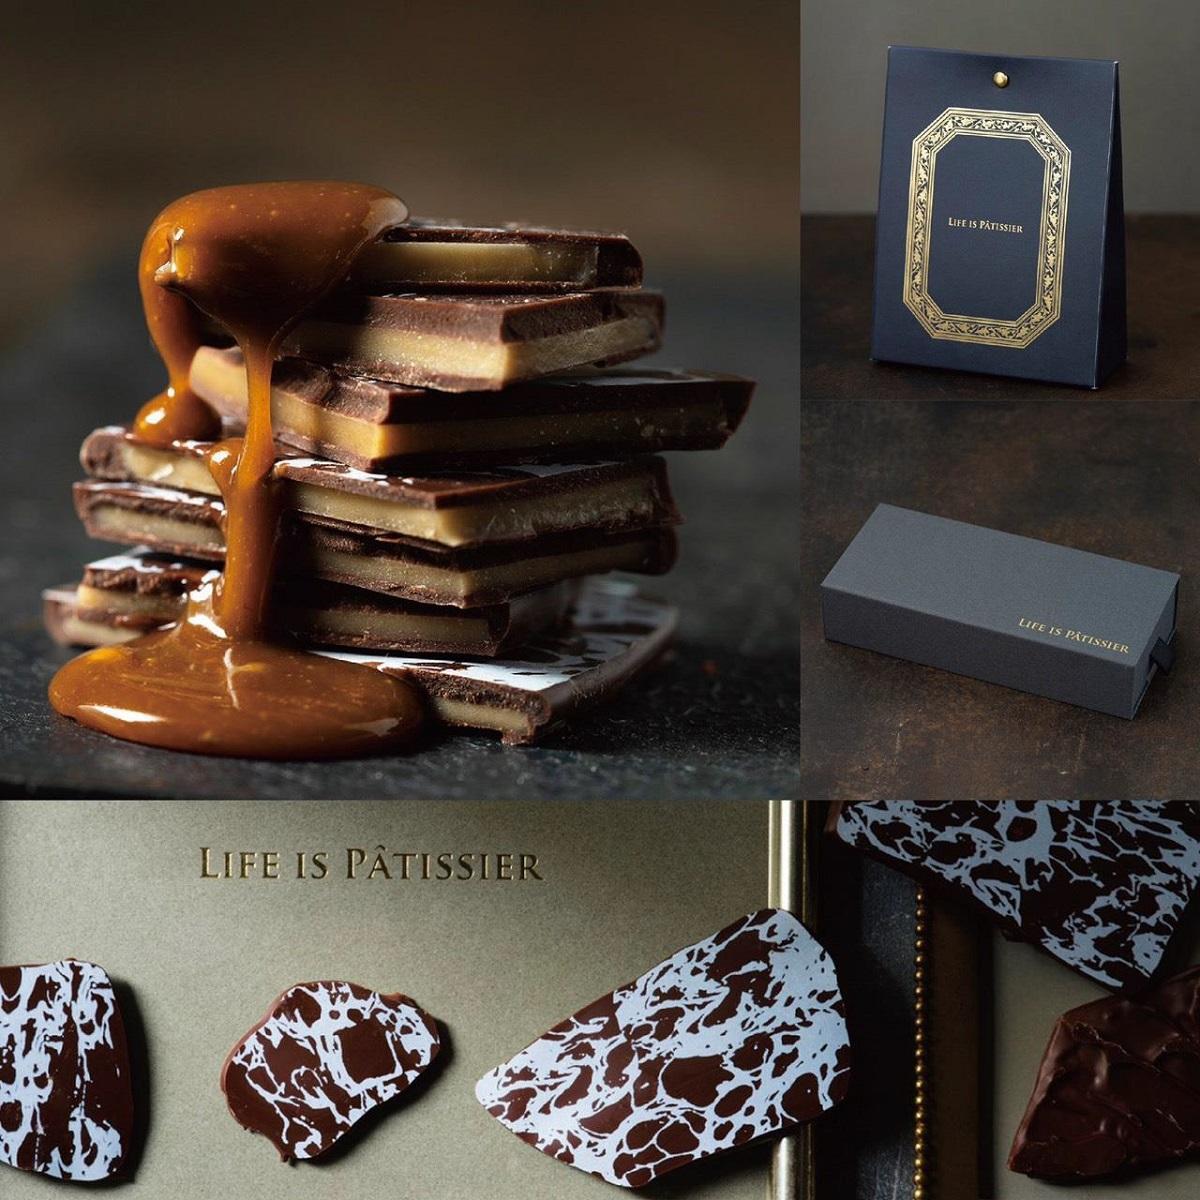 ショコラ専門店「ライフ イズ パティシエ」がバレンタインコレクションを発表 オンライン購入もOK